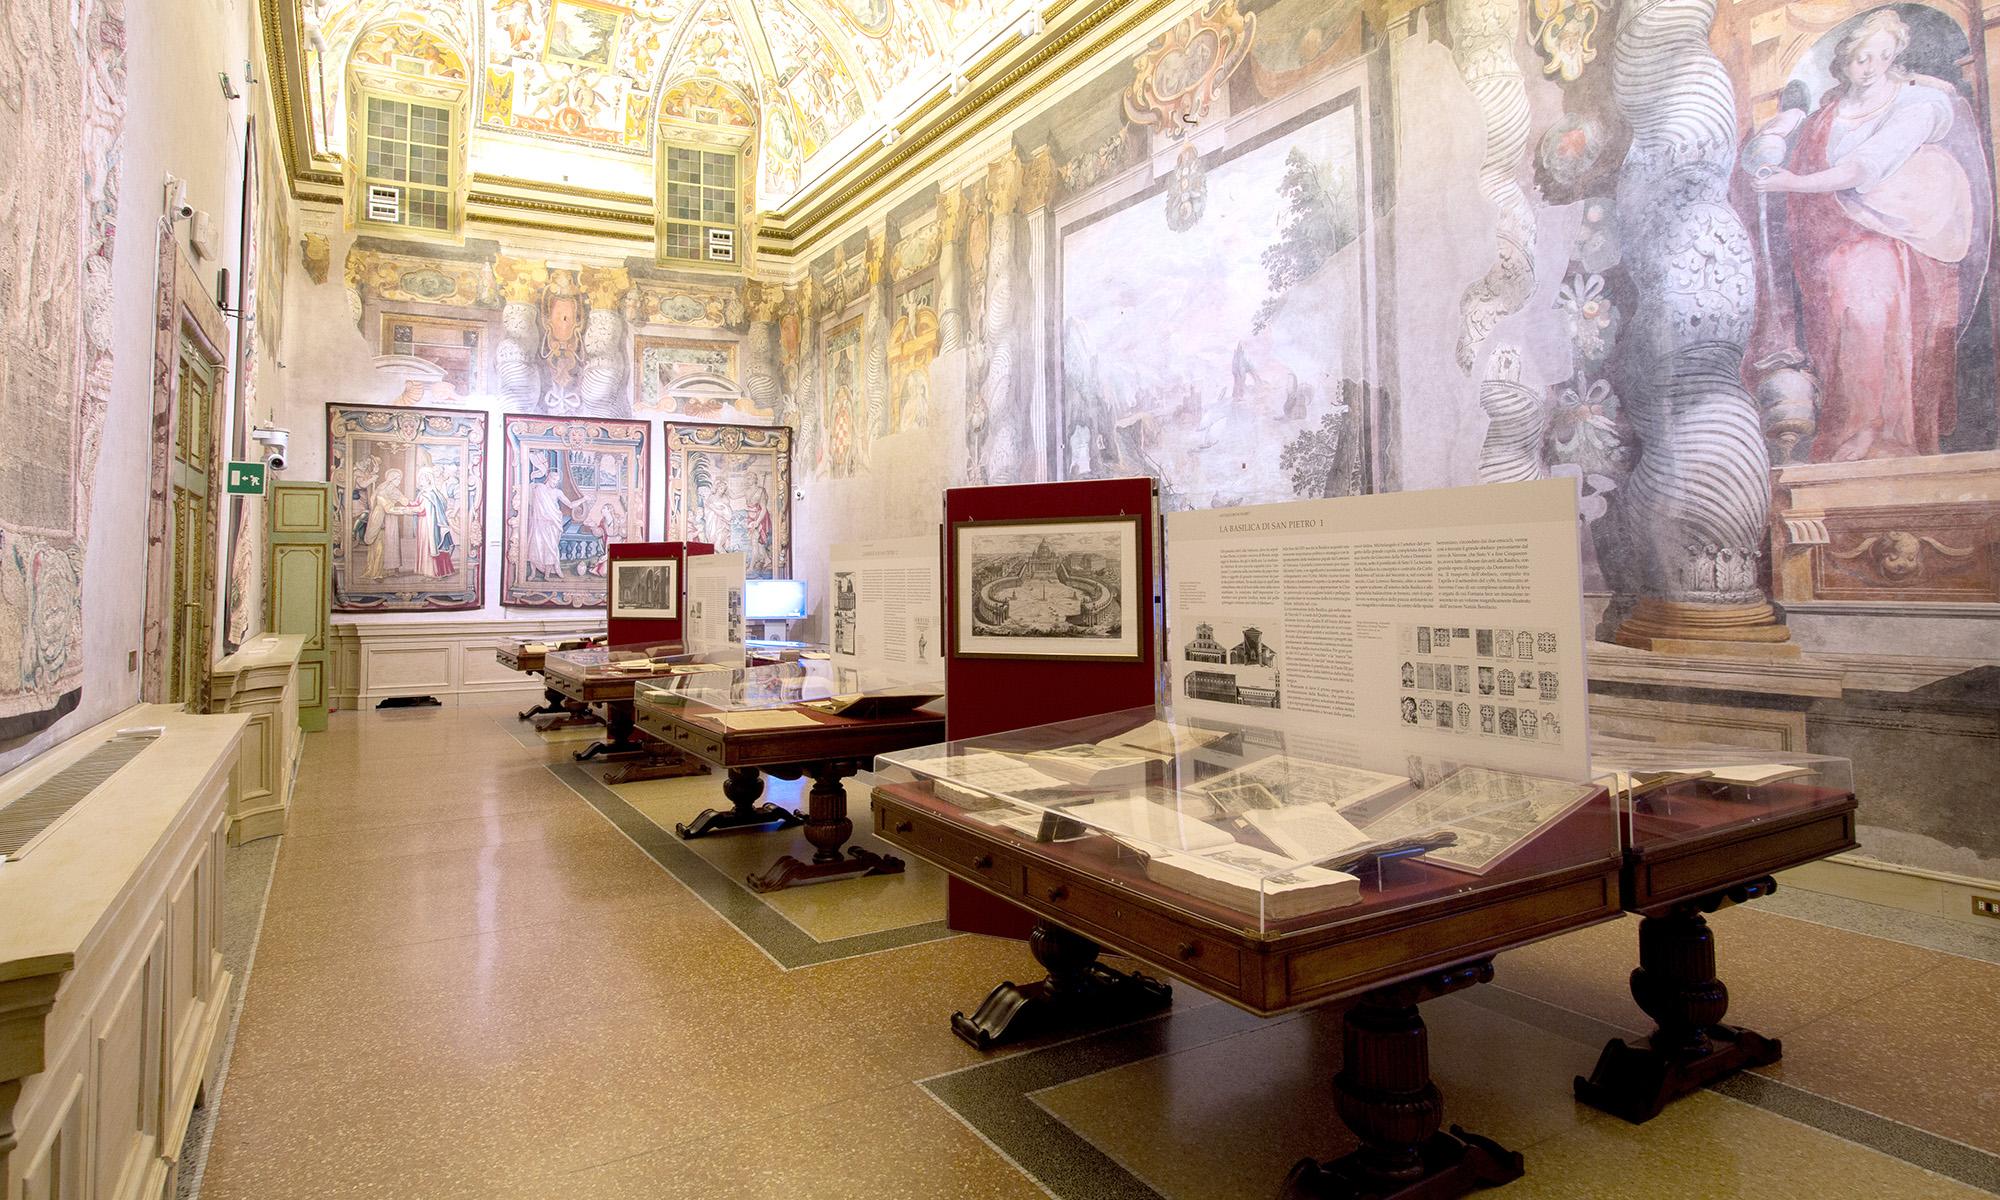 Allestimento della mostra Antiquorum Habet alla Sala Zuccari a Roma